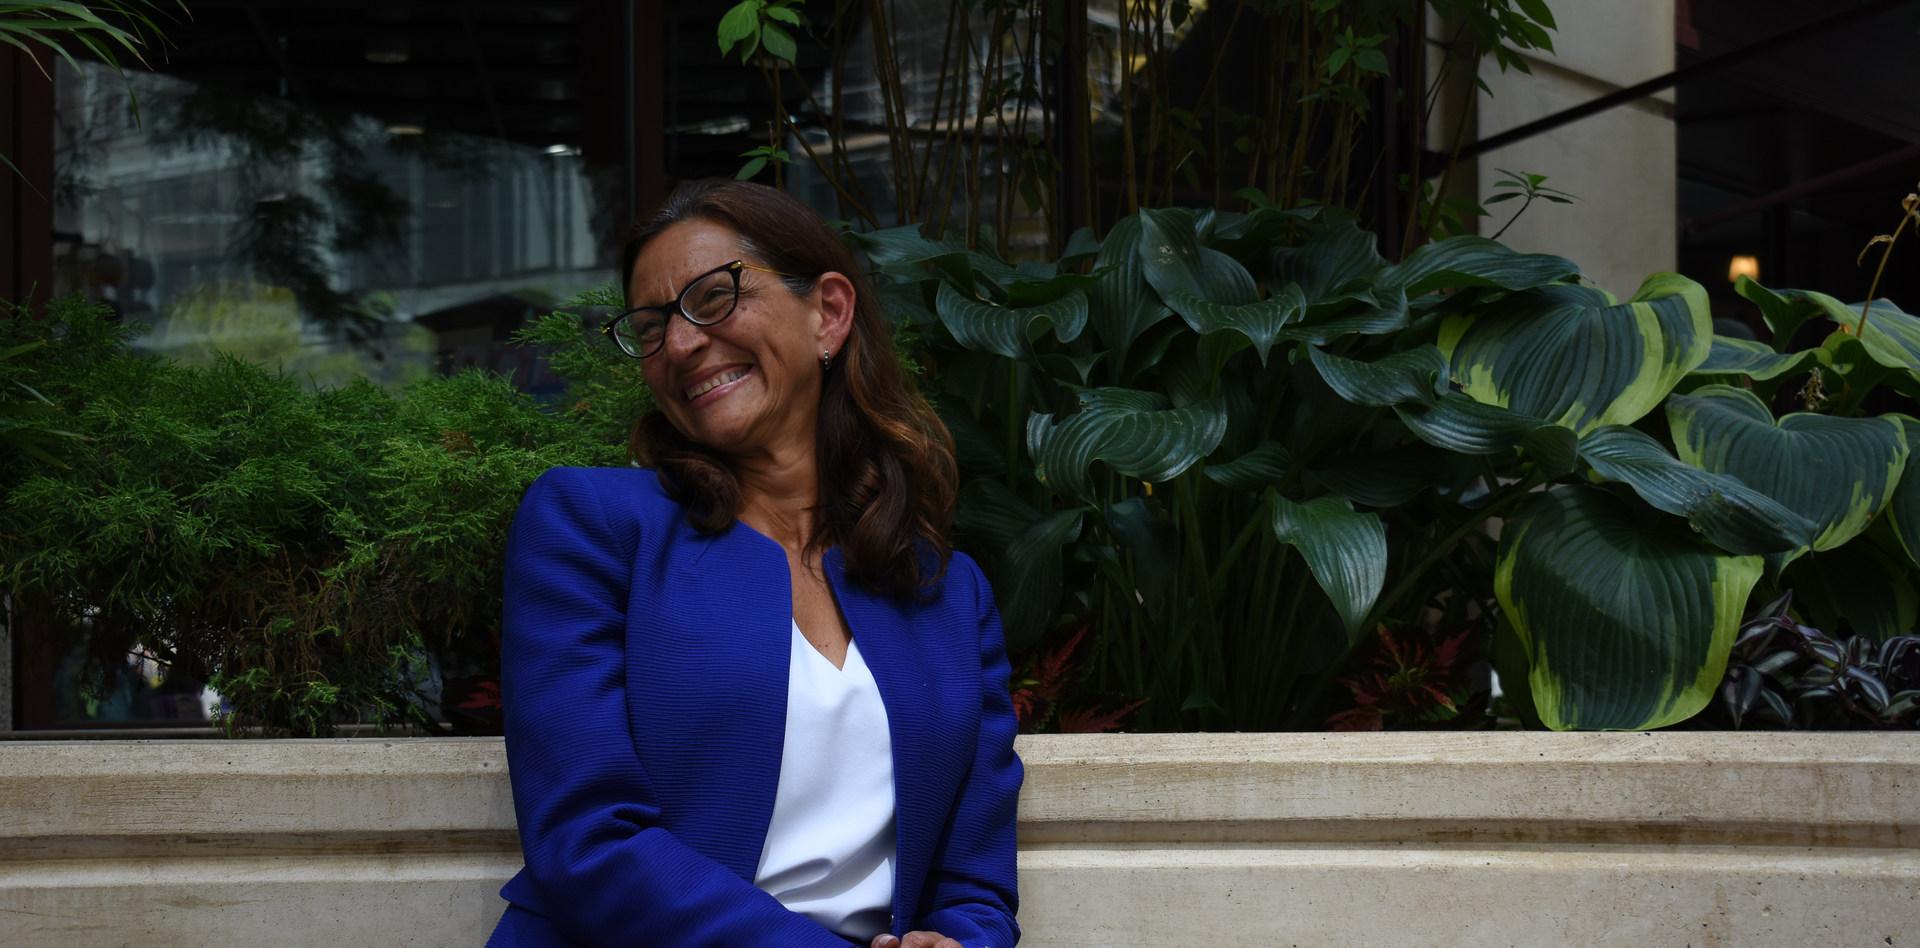 Jennifer Rosato Perea